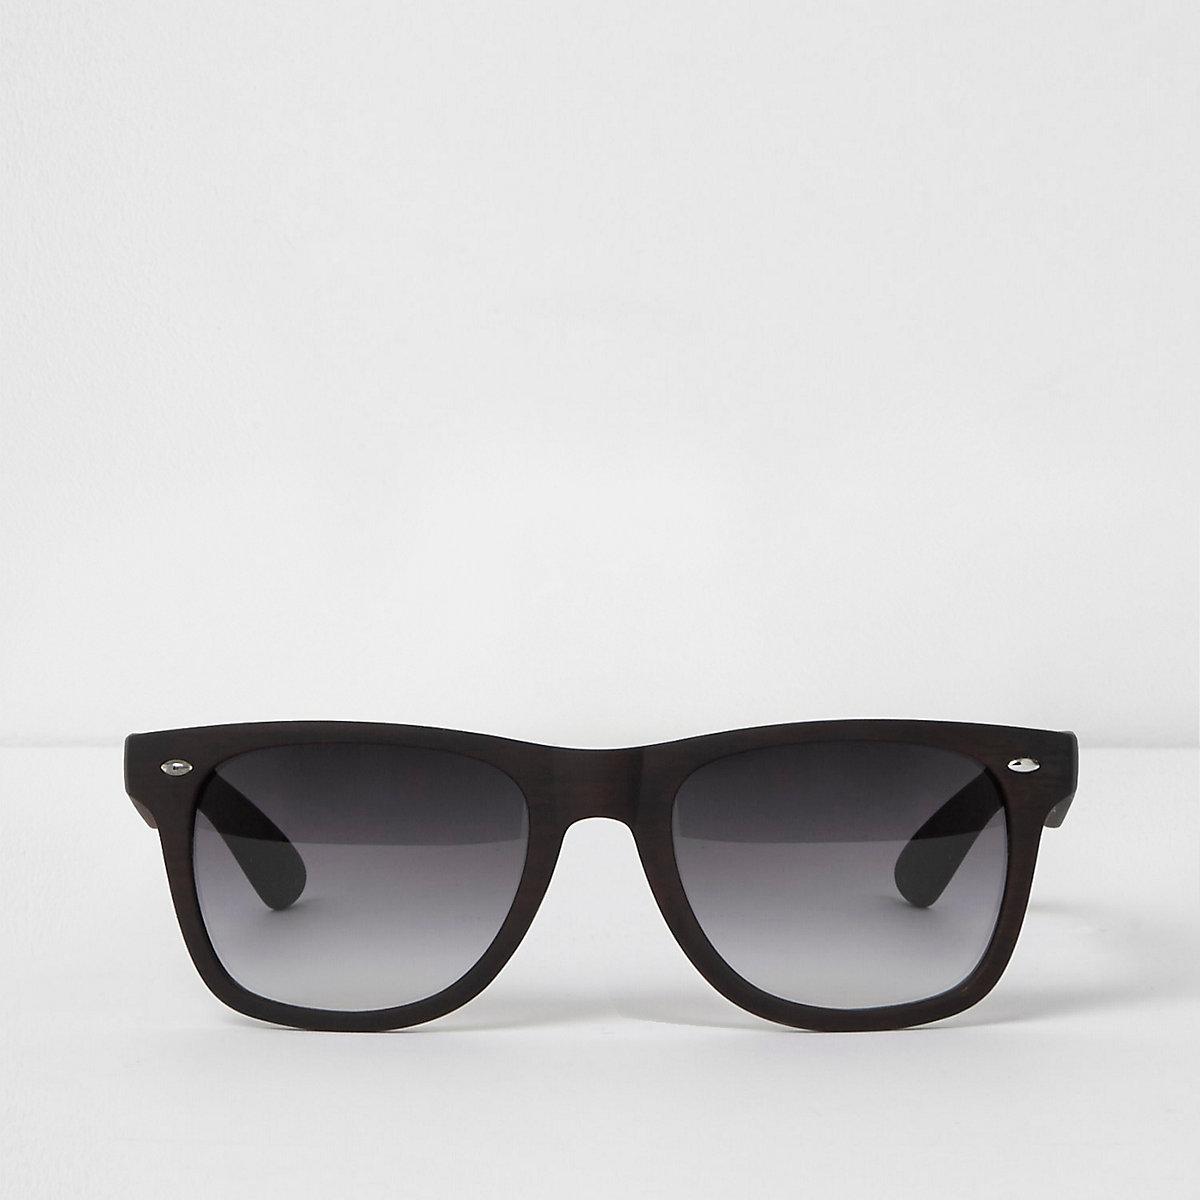 Braune Retro-Sonnenbrille mit Holzeffekt